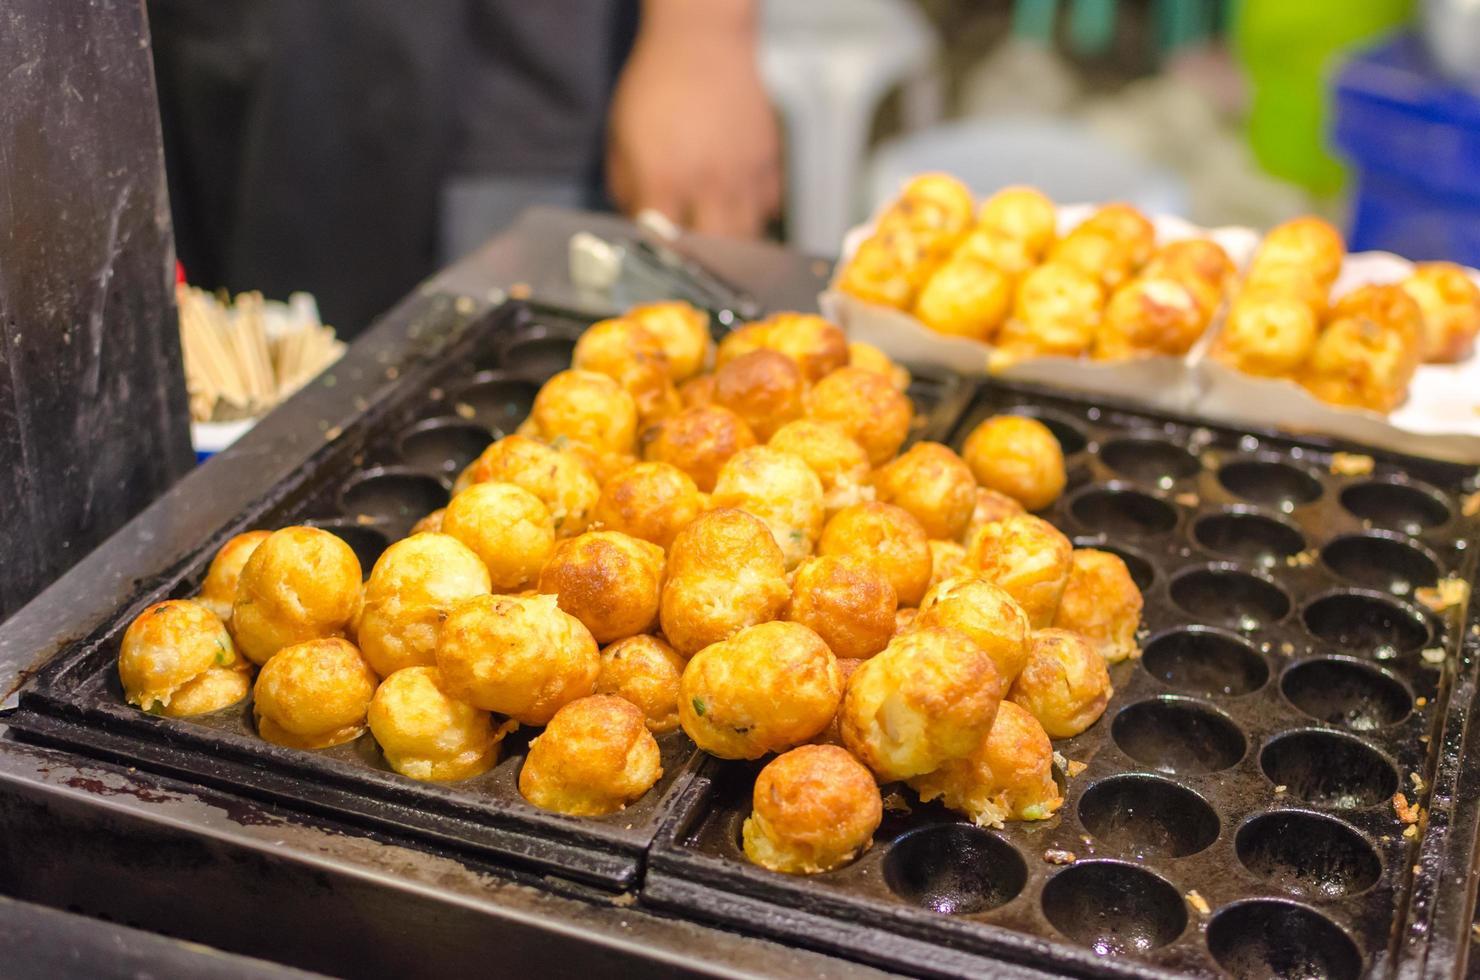 comida callejera takoyaki foto